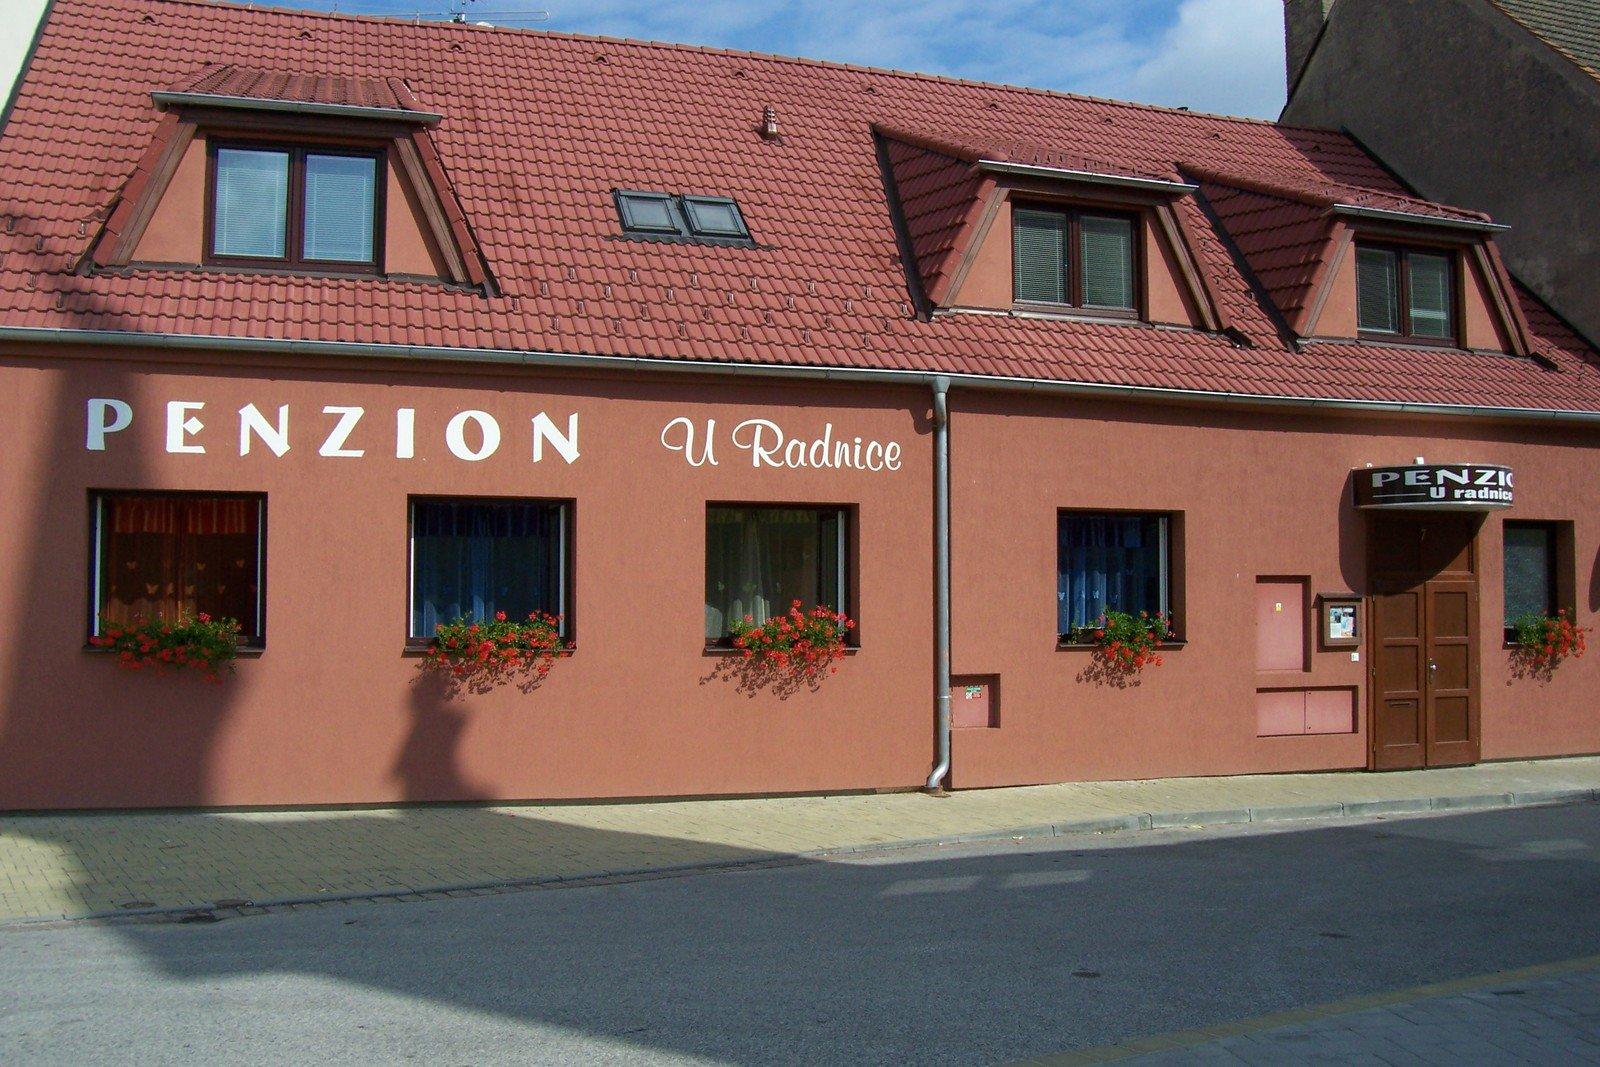 Penzion u Radnice, Lomnice nad Lužnicí